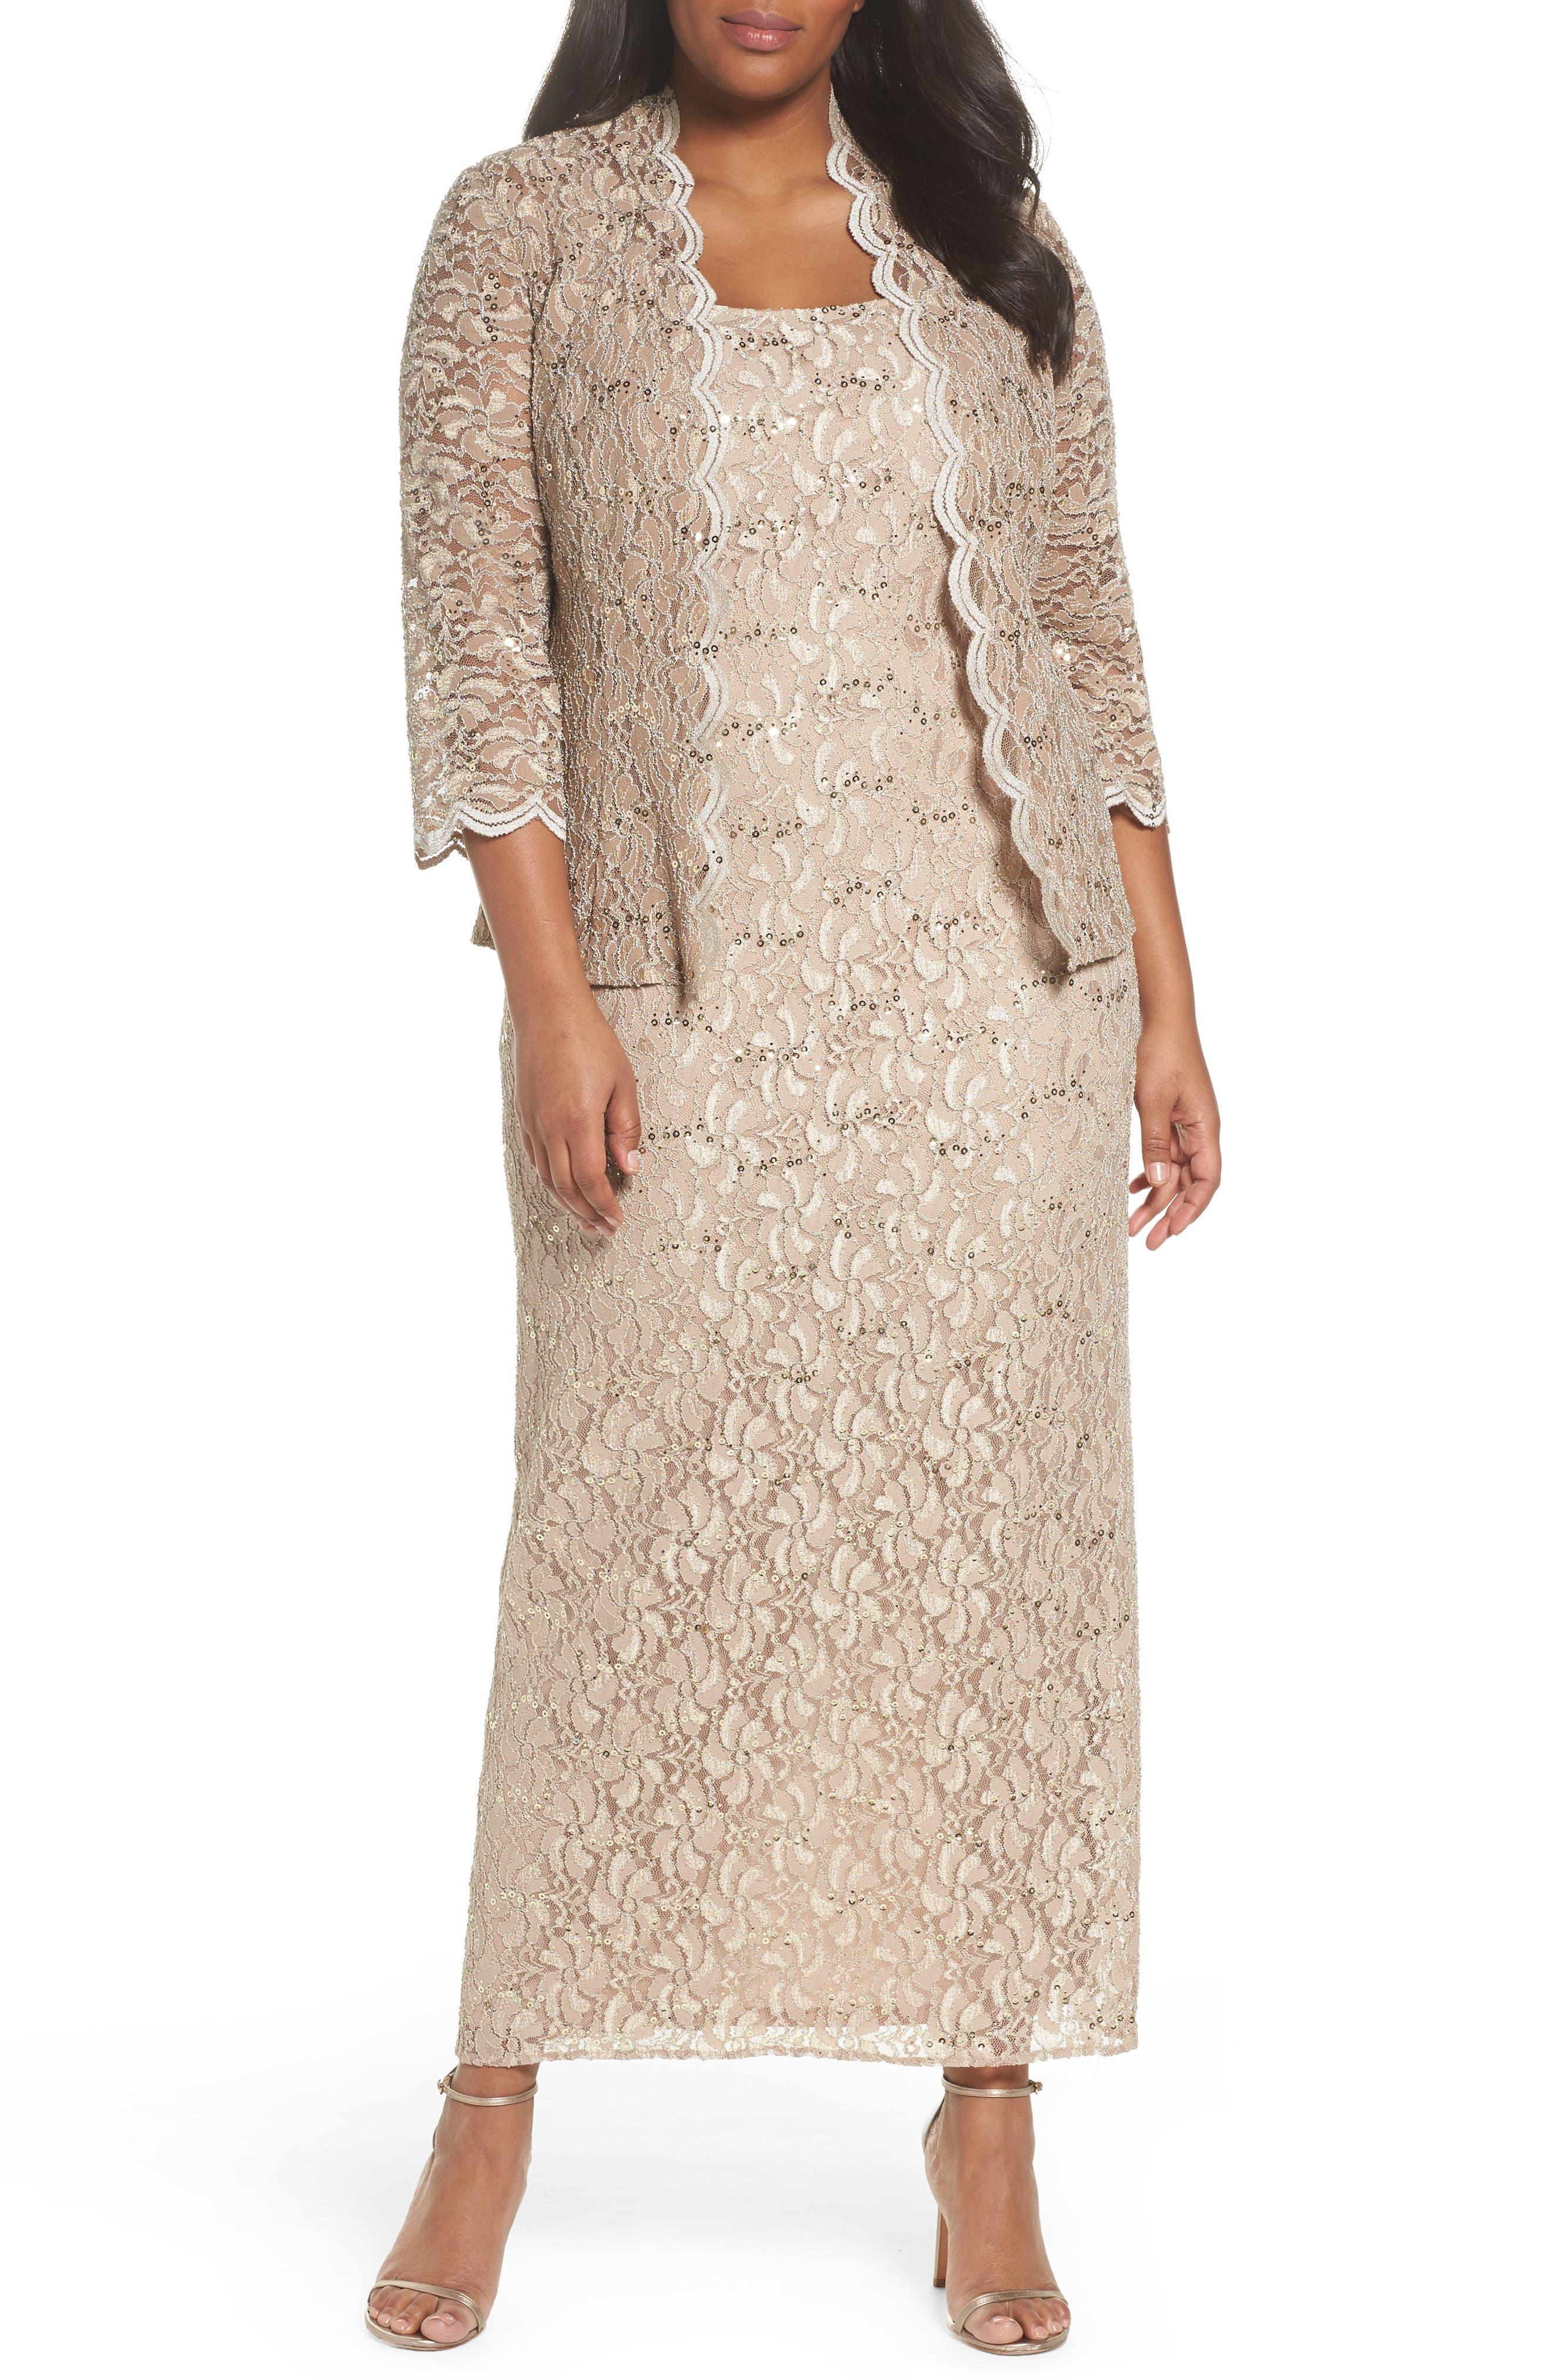 Alex evenings lace jacket dress set